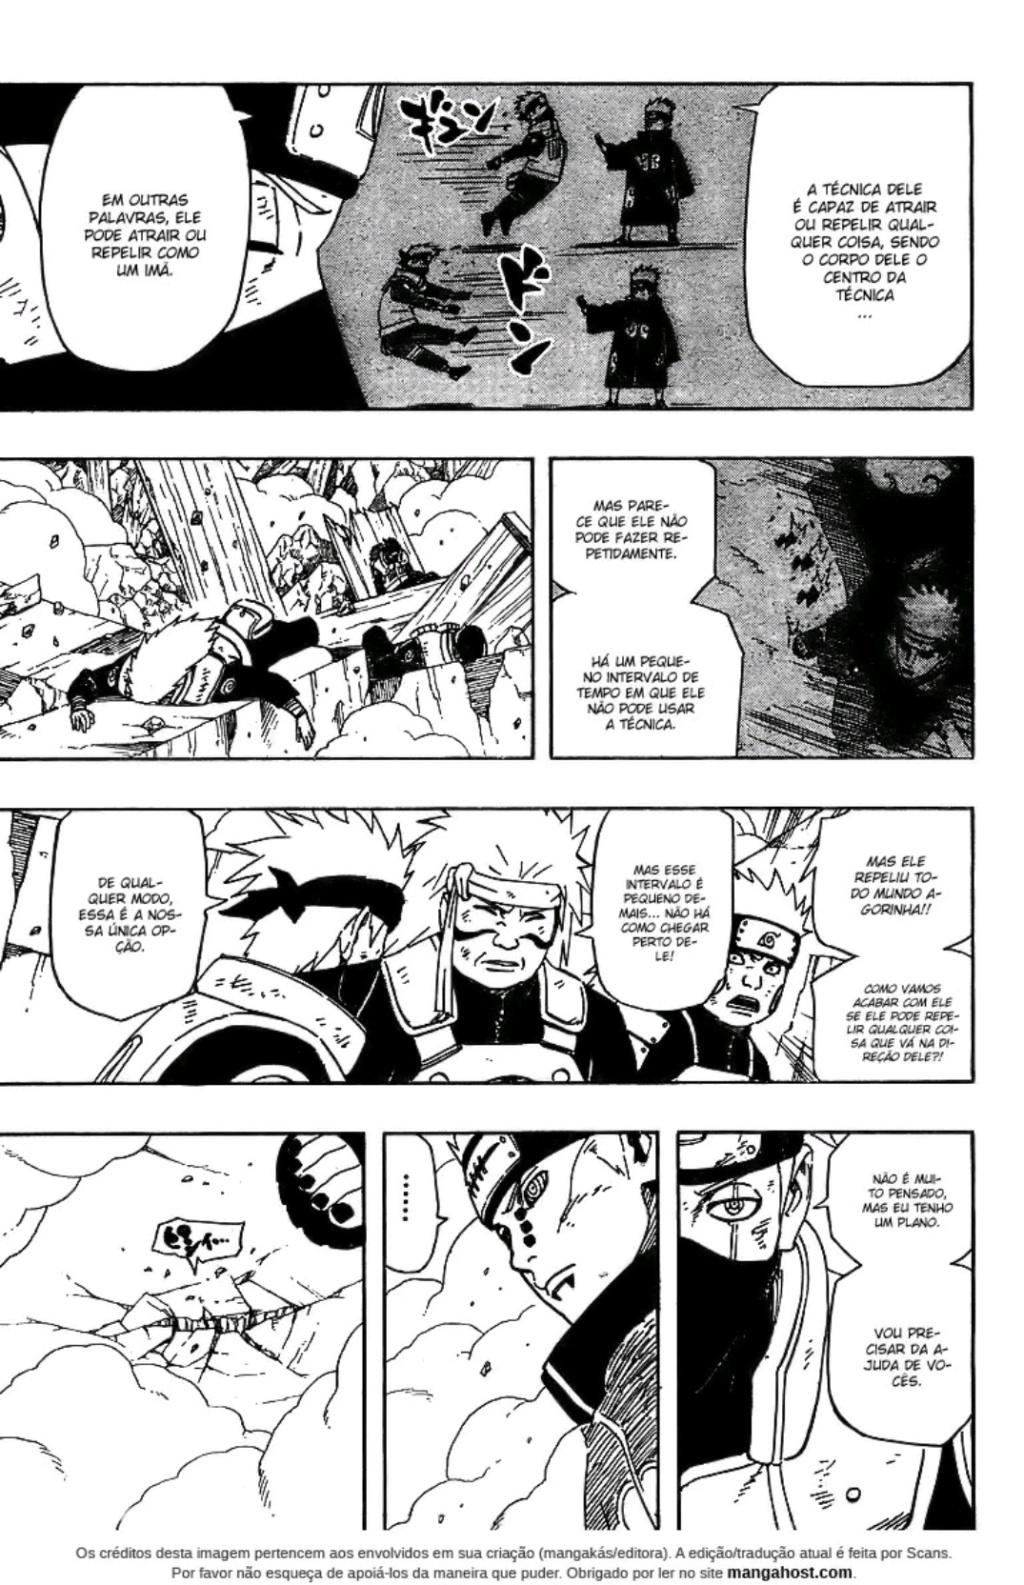 Hatake kakashi, um do maiores gênios de Naruto. Img_2128